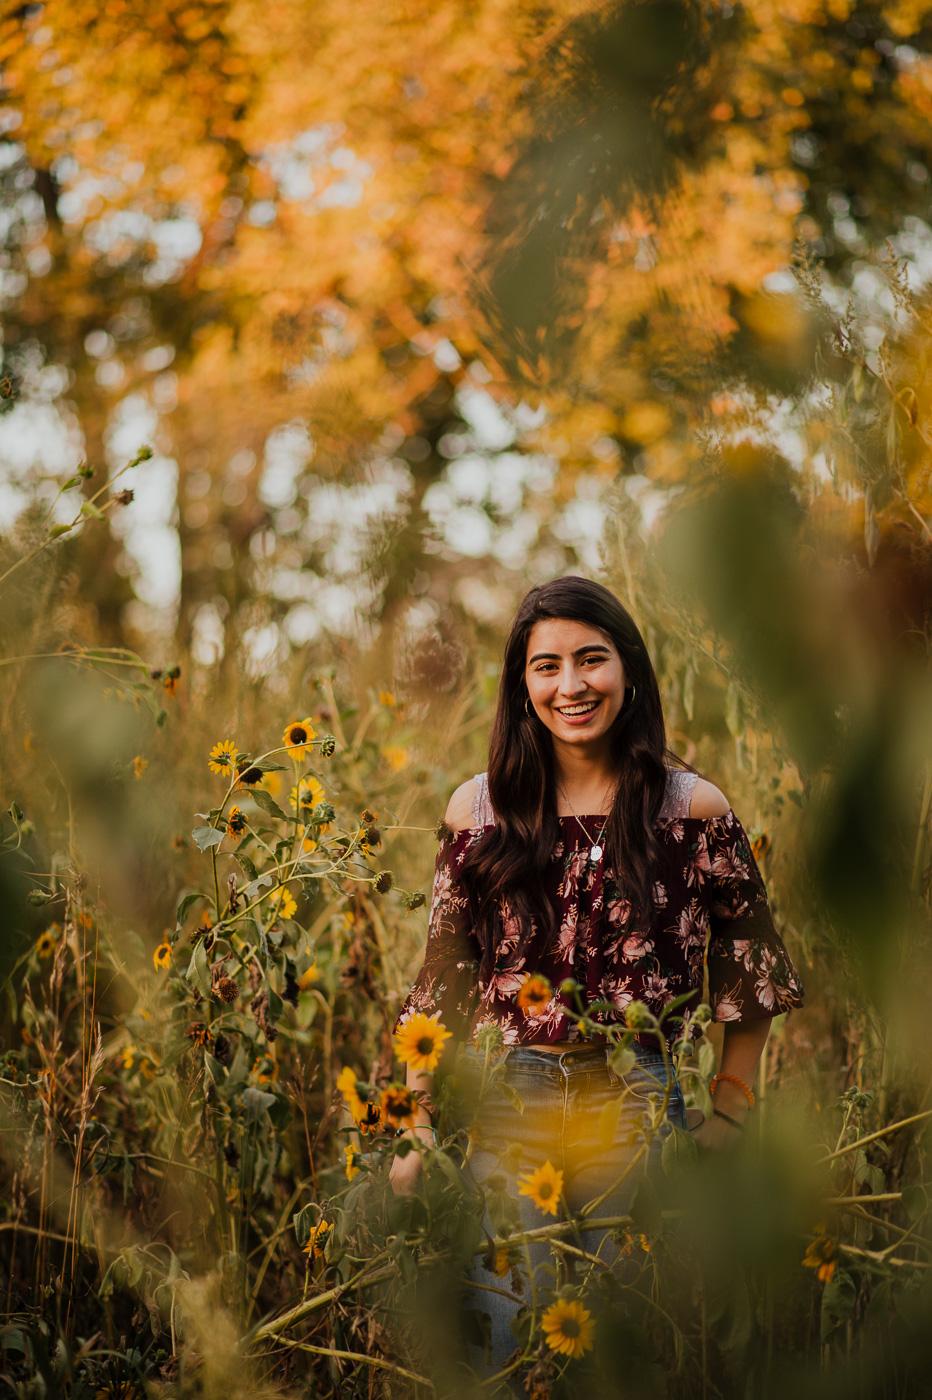 PHOCO Photography Fort Collins Colorado Elizabeth Senior 2019-5.jpg